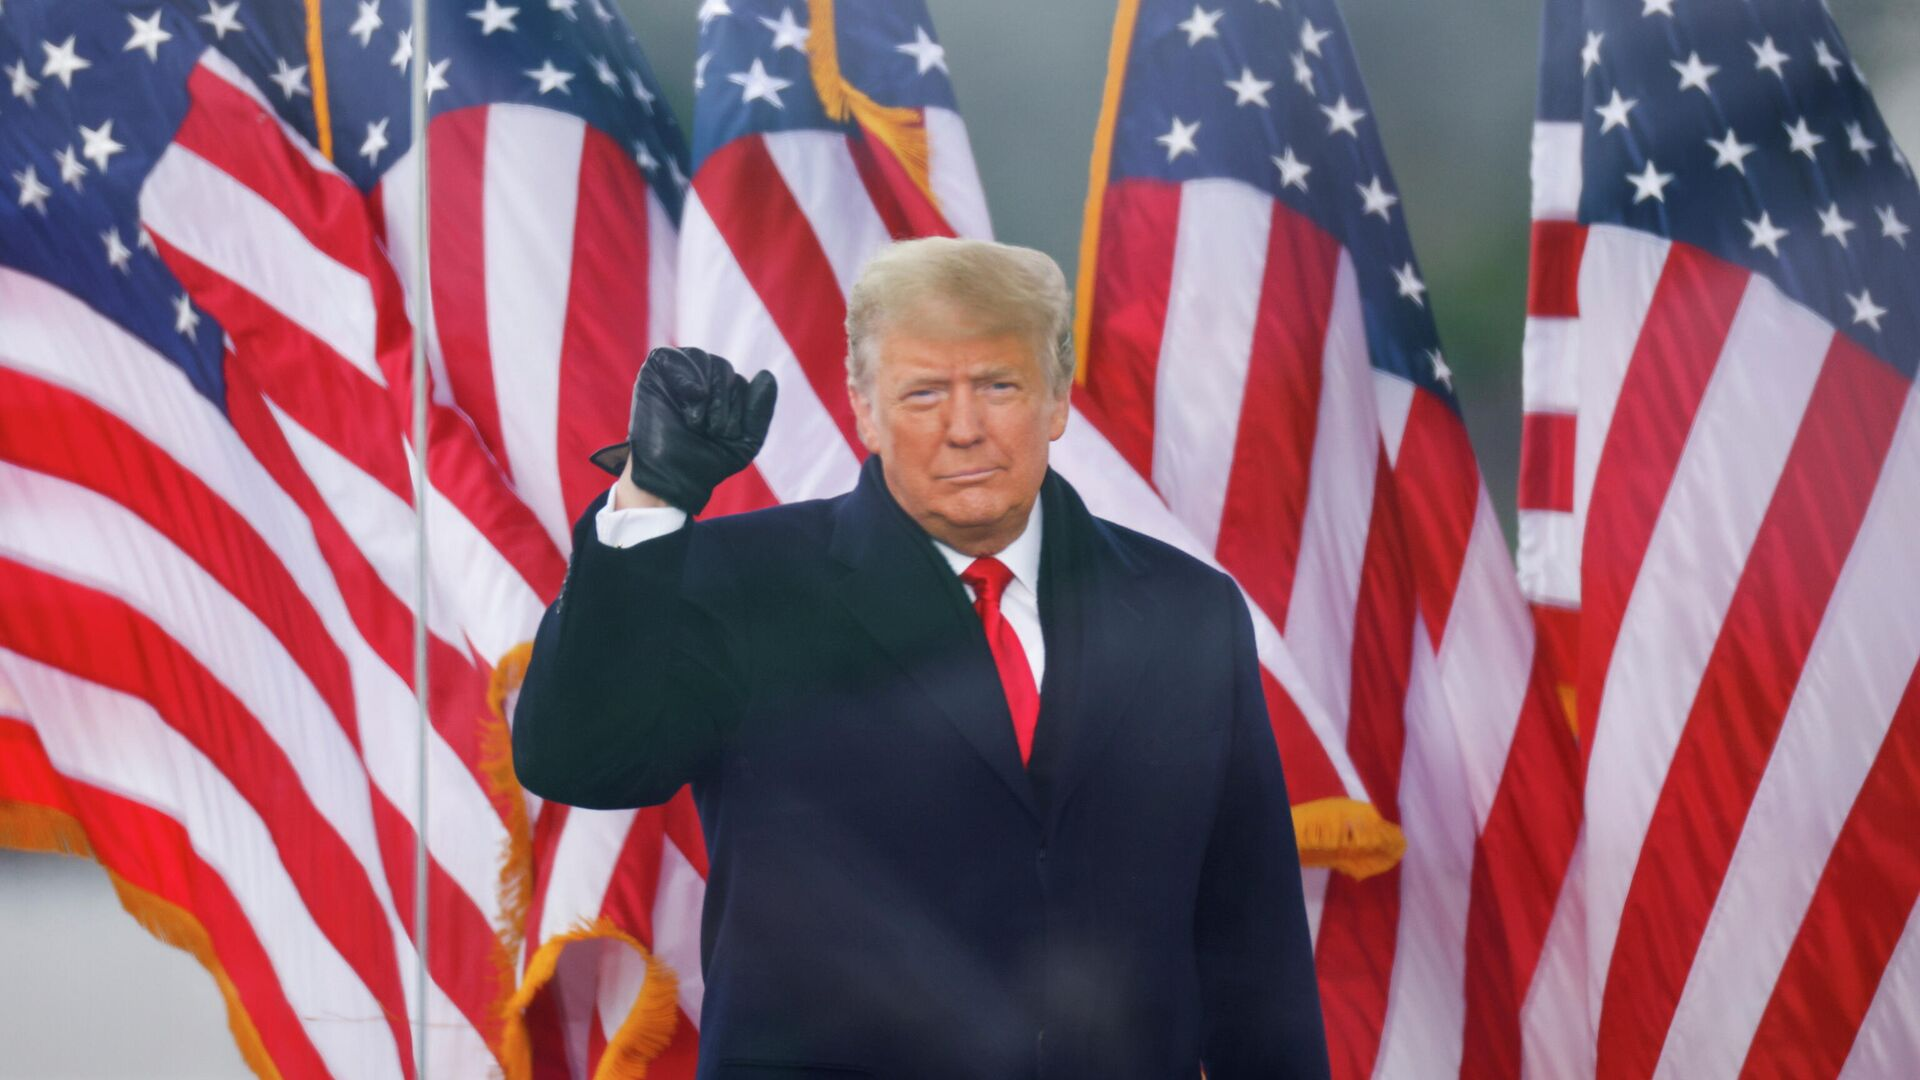 Президент Дональд Трамп выступает на митинге в Вашингтоне - РИА Новости, 1920, 09.01.2021